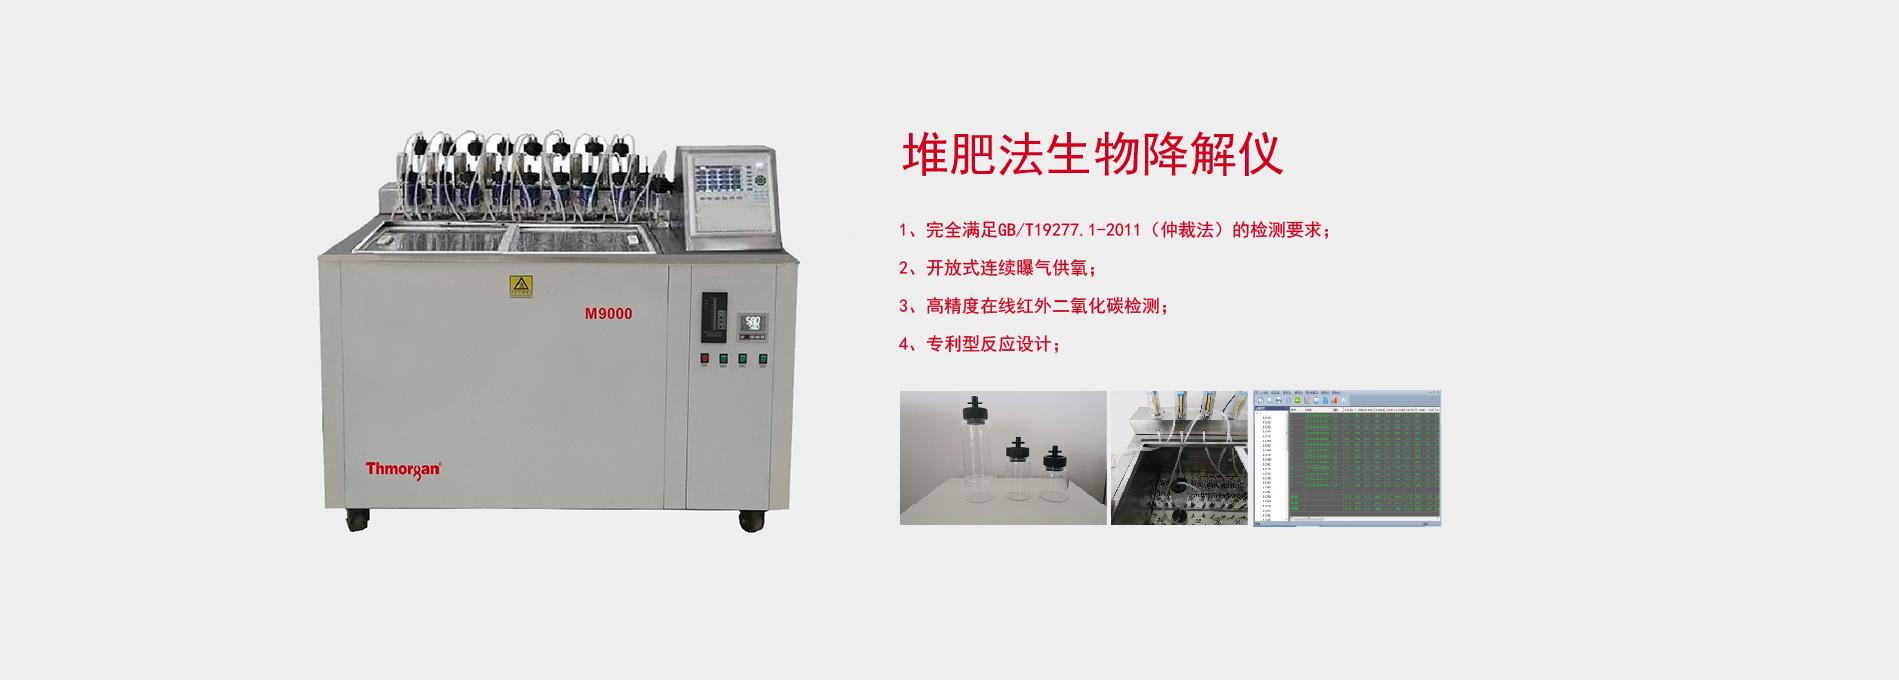 堆肥法生物降解仪M9000